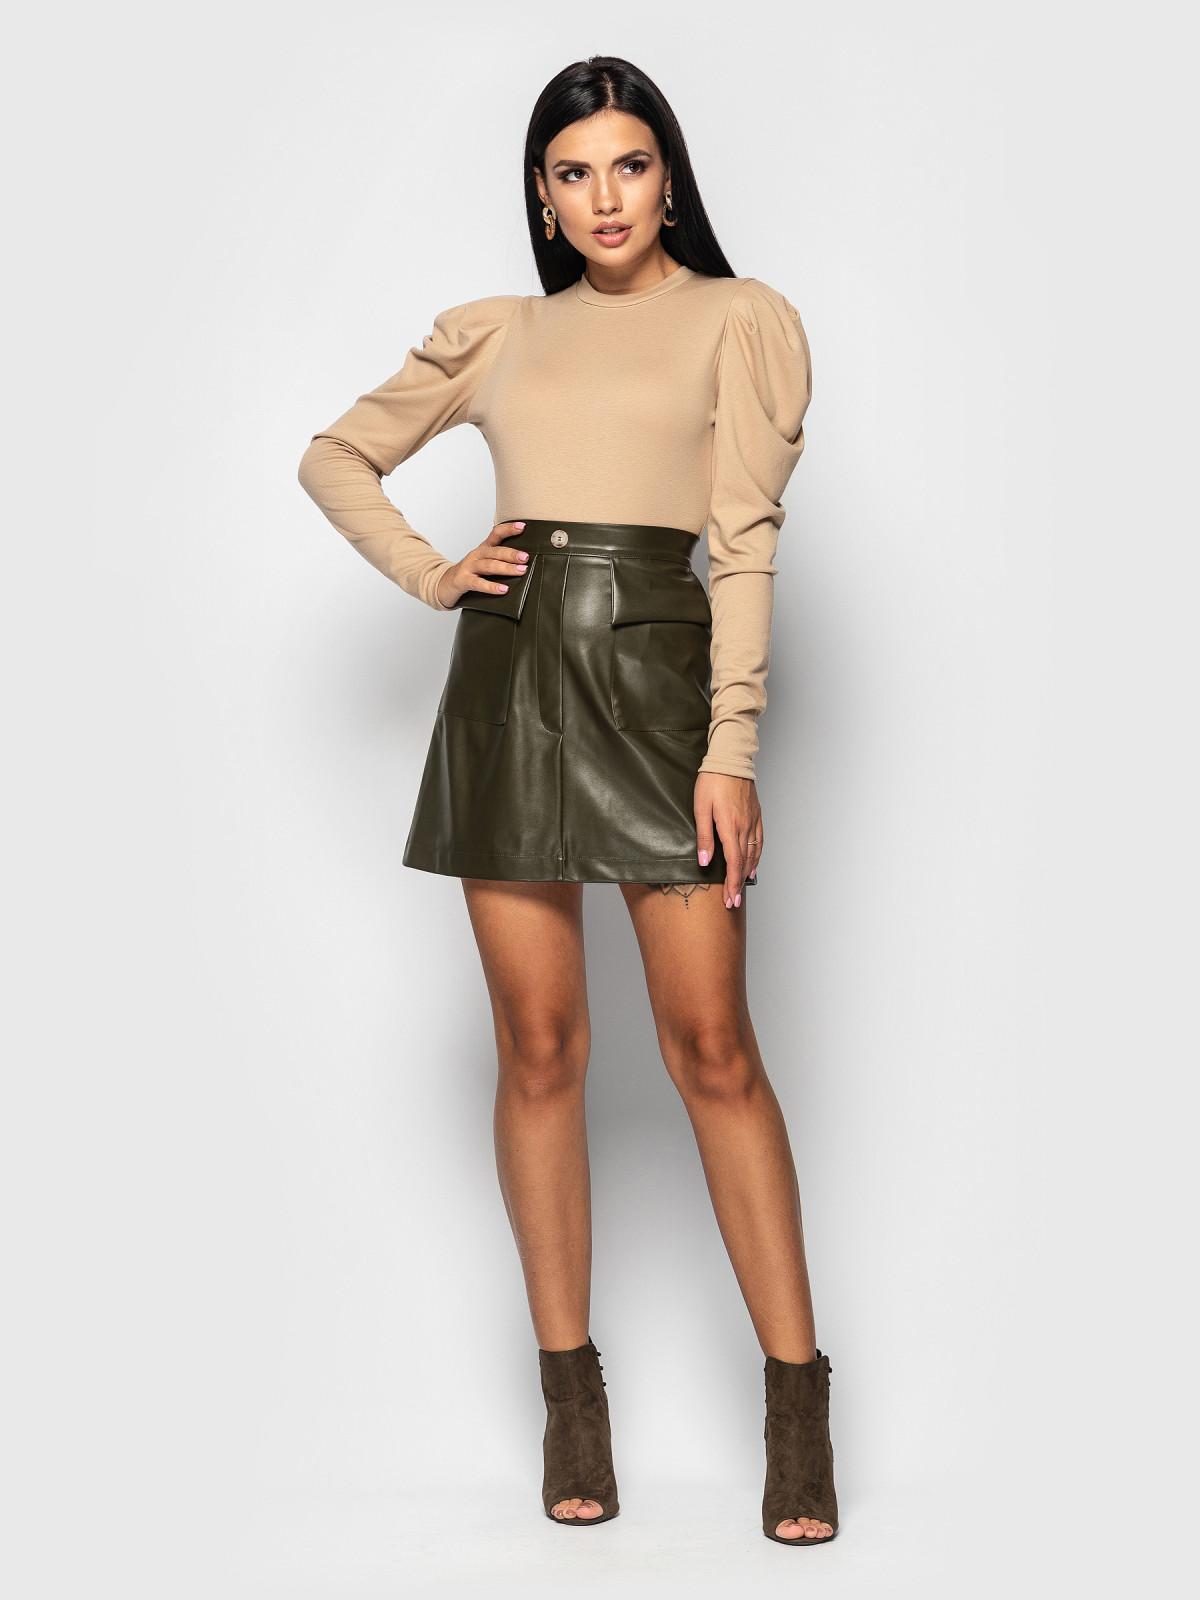 Комплект юбка с гольфом Palmira Хаки-бежевый